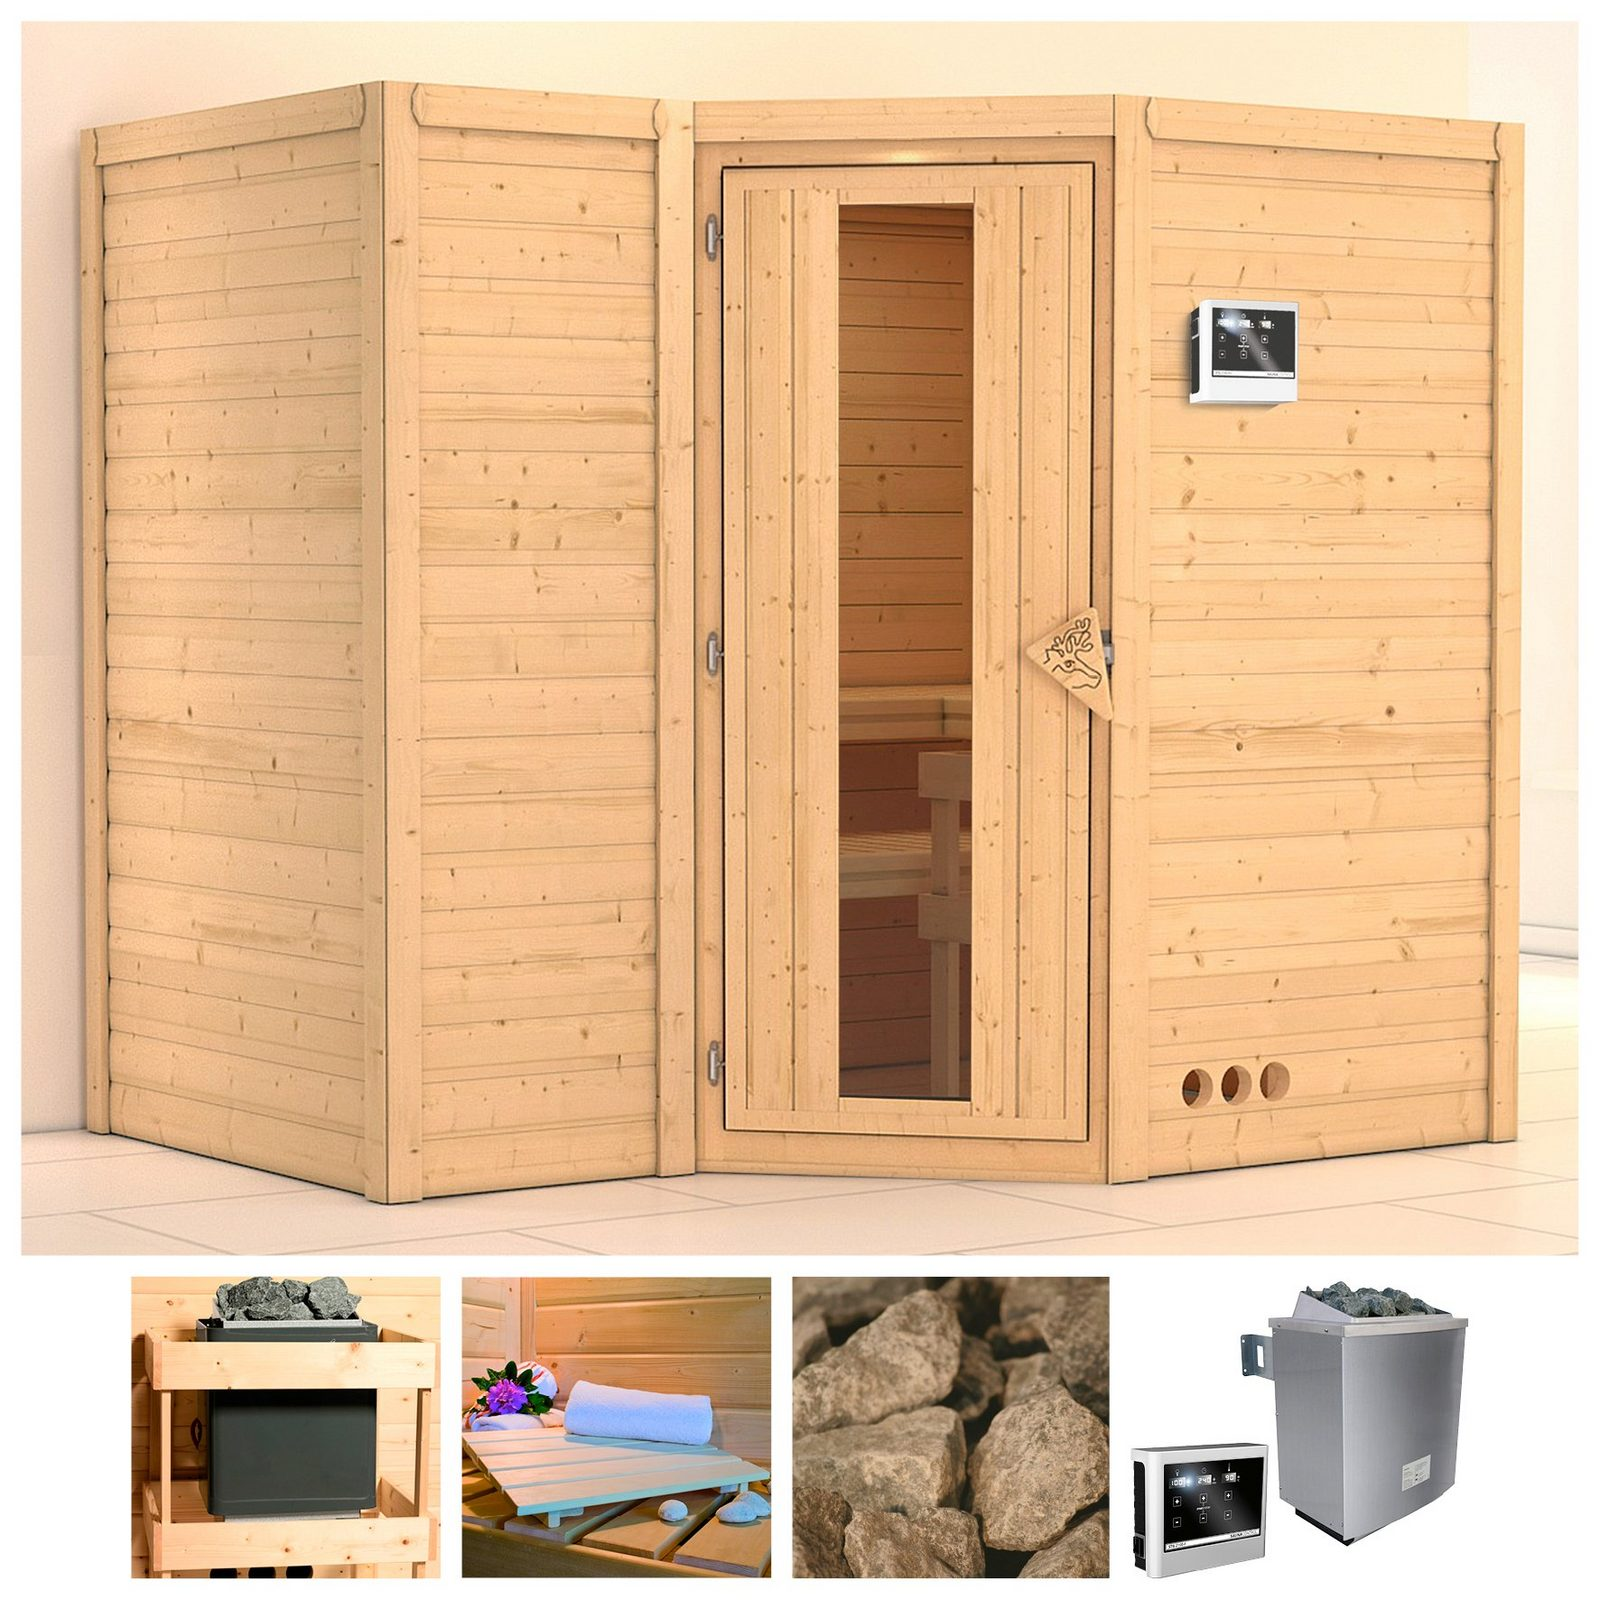 KONIFERA Sauna »Sahib 2«, 236/184/206 cm, 9-kW-Ofen mit ext. Steuerung, Holztür - broschei